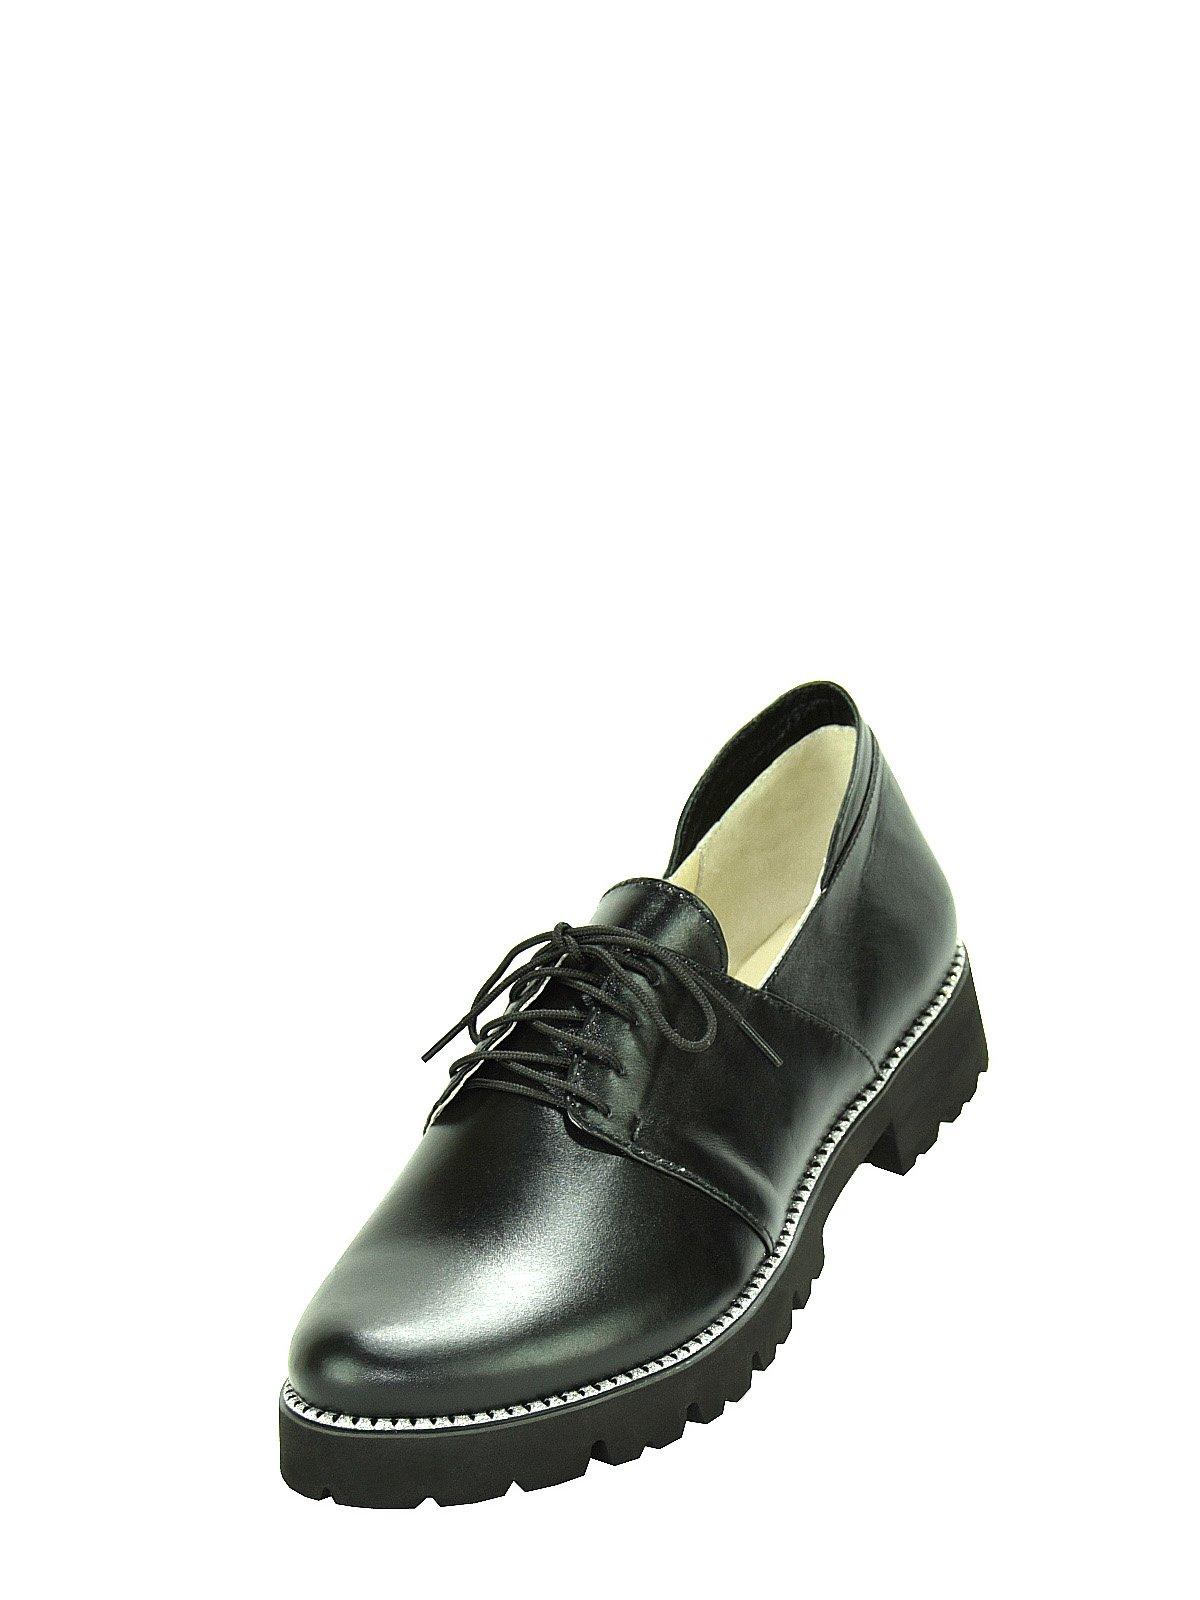 Туфлі чорні | 3553663 | фото 5